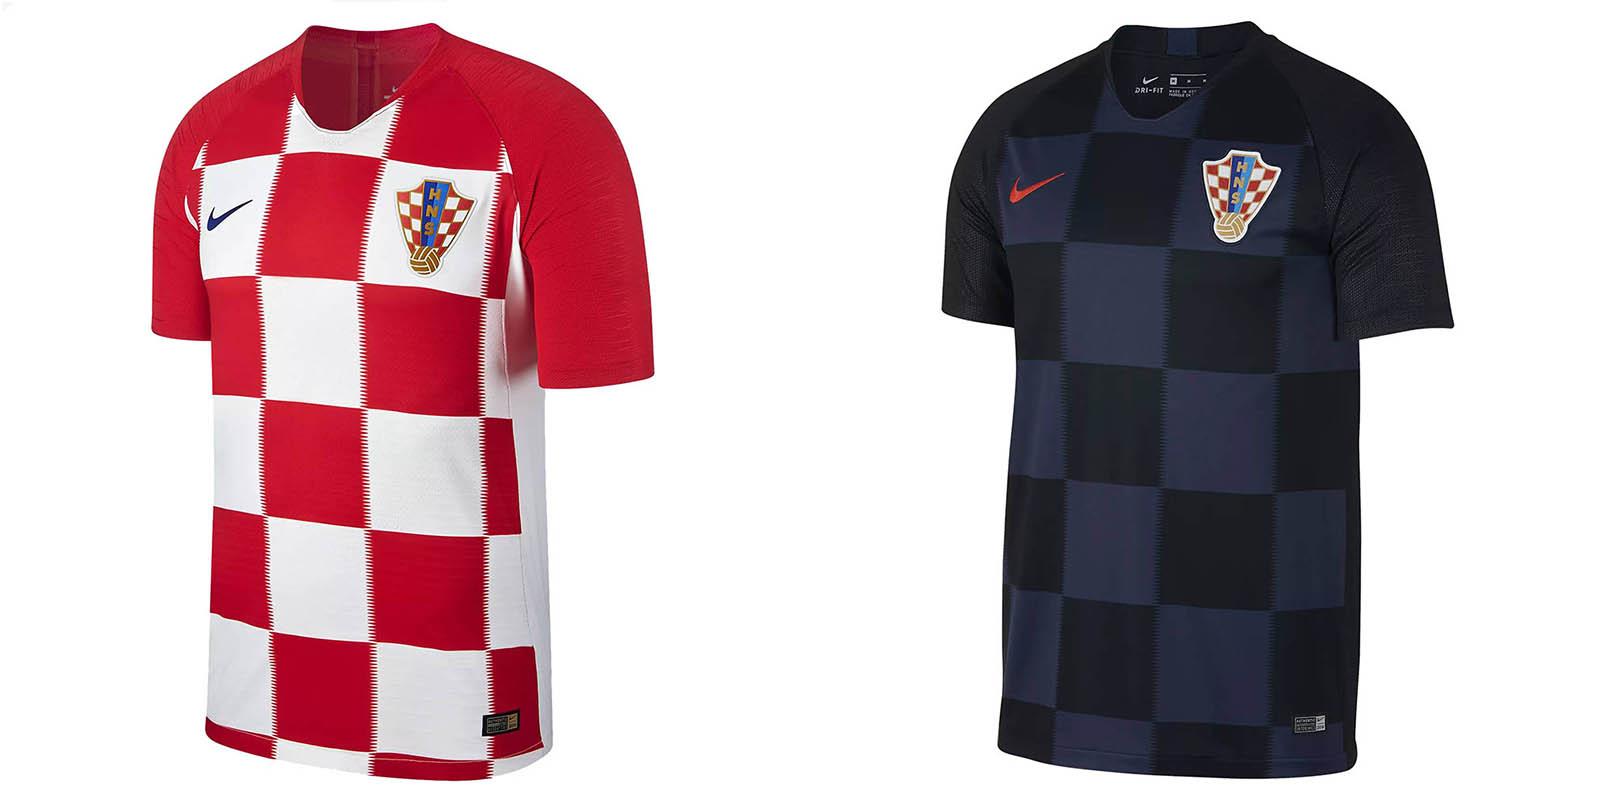 Новая форма сборной Хорватии 2018